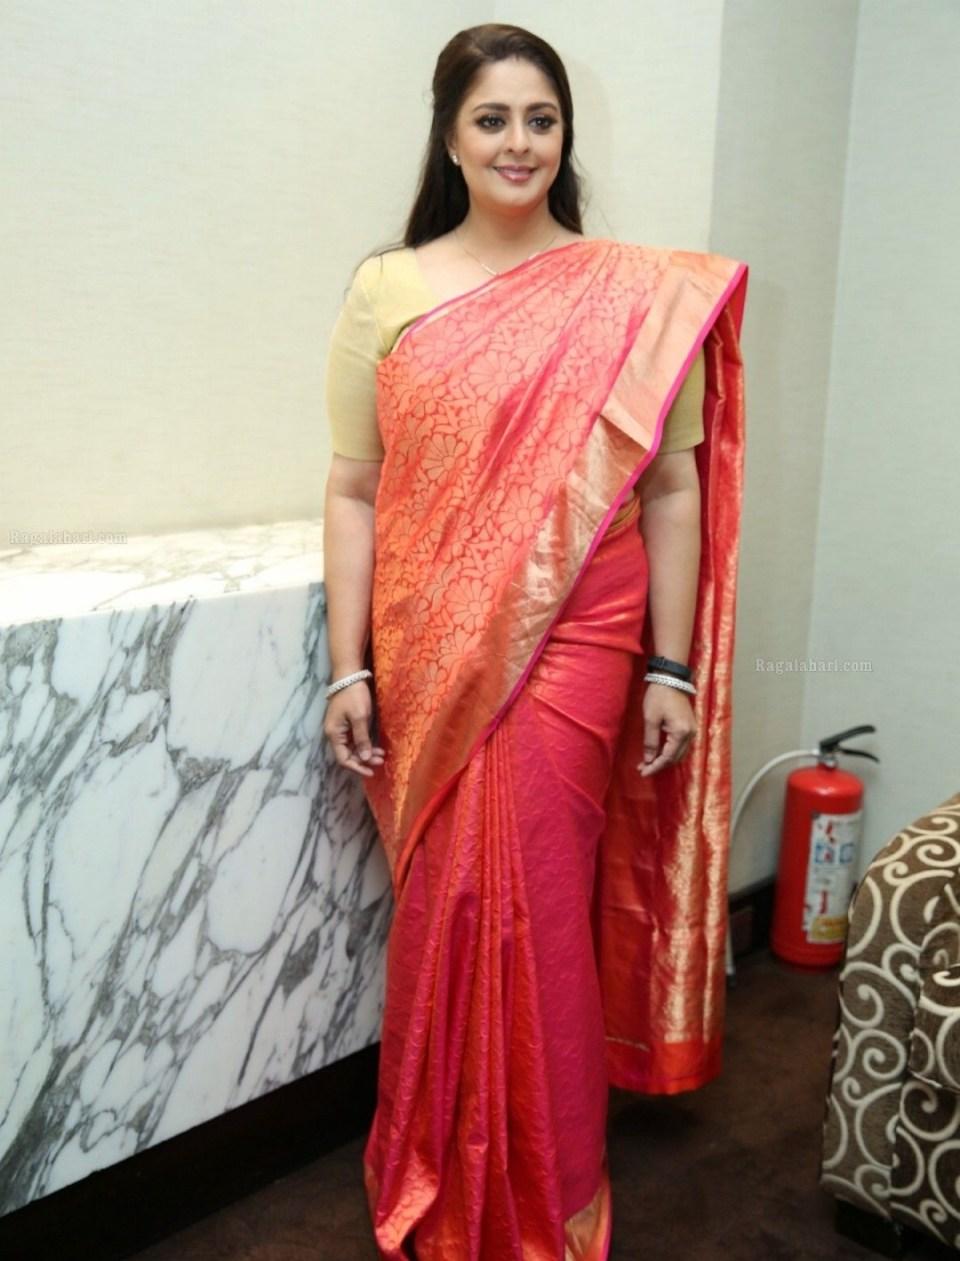 इस बॉलीवुड अभिनेत्री के लिए अपनी पत्नी तक को तालाक देने को तैयार थे सौरव गांगुली